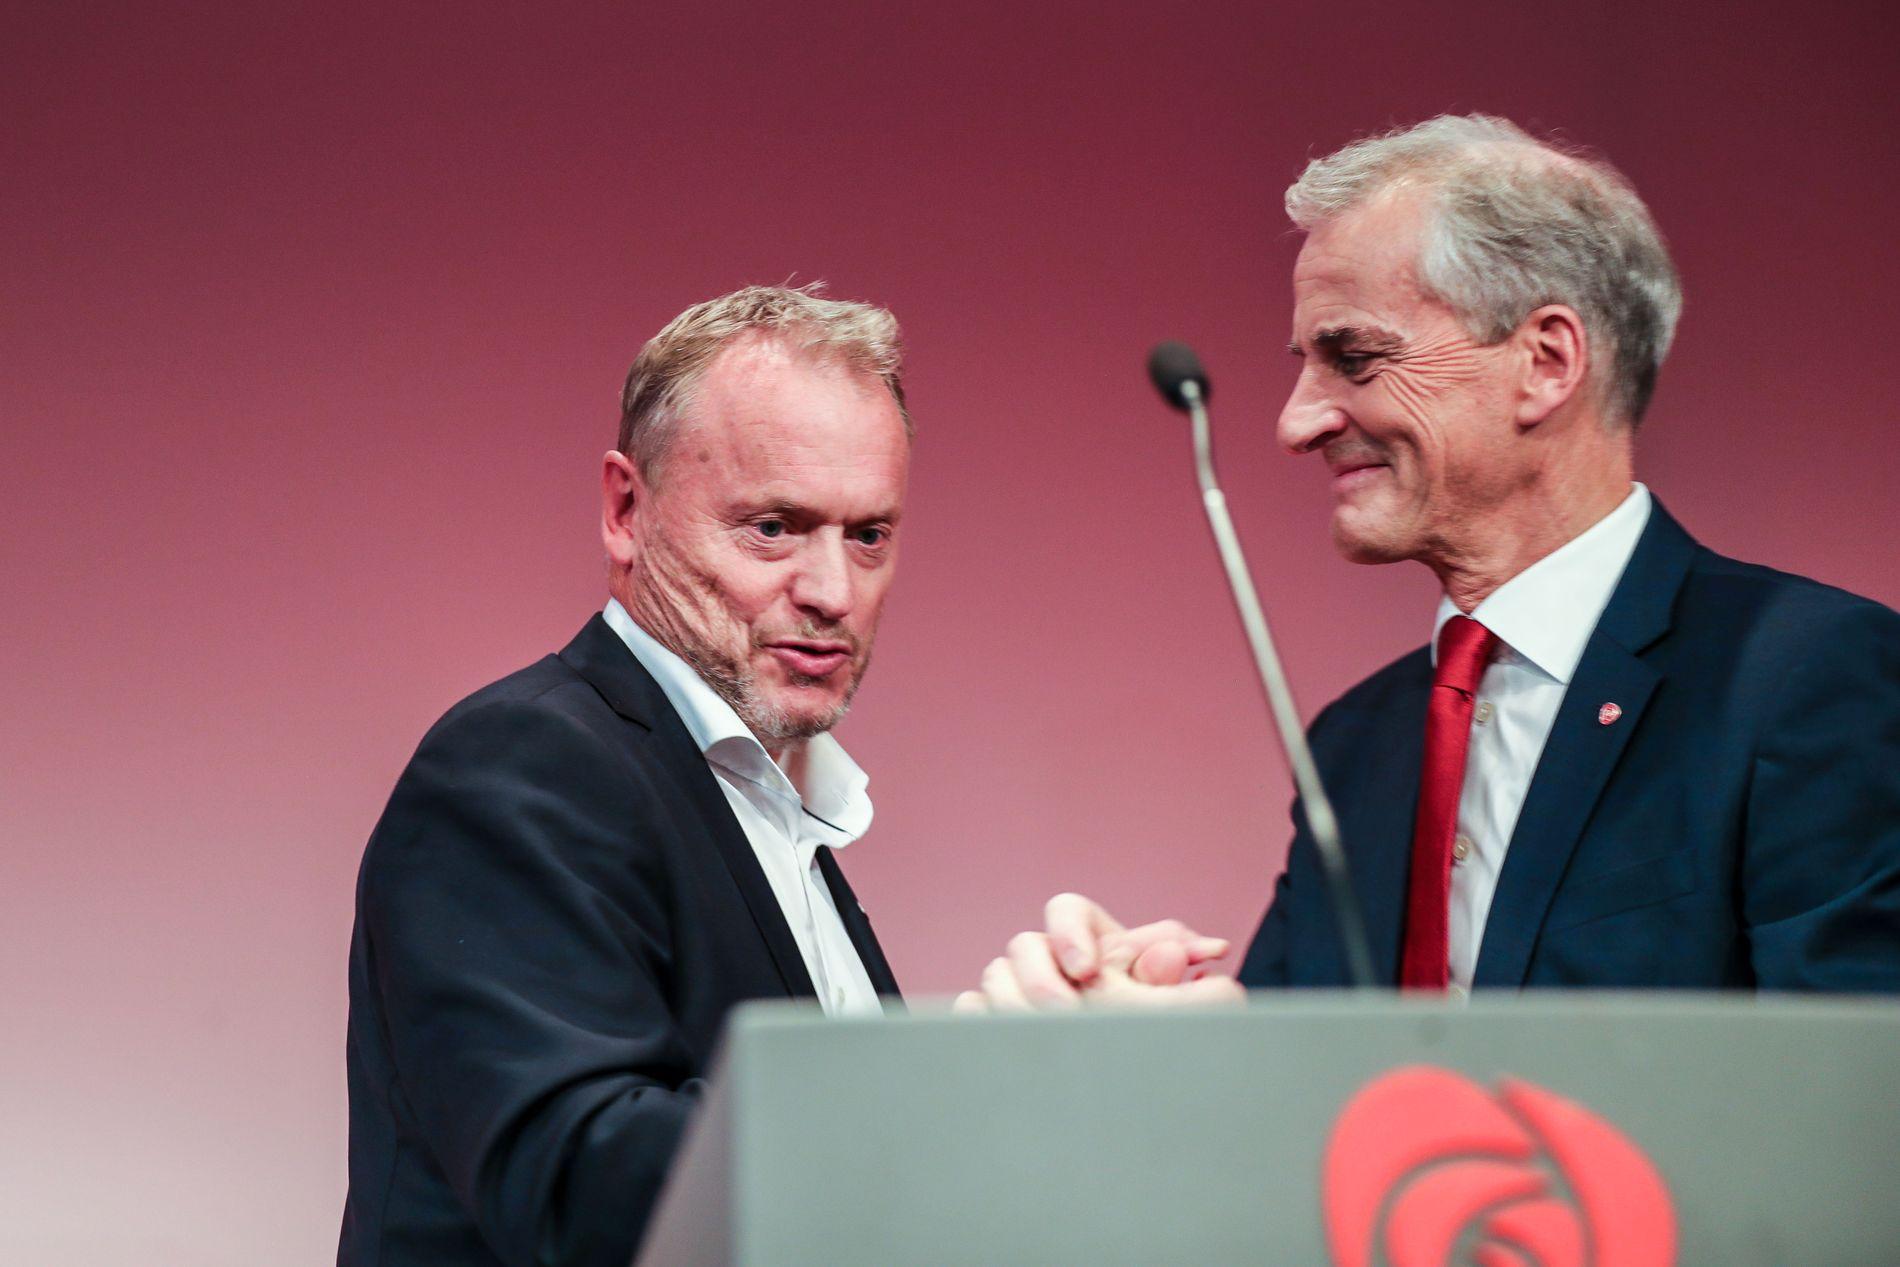 KRISEVALG: Byrådsleder i Oslo og Ap-leder Jonas Gahr Støre på partiets valgvake i Oslo.